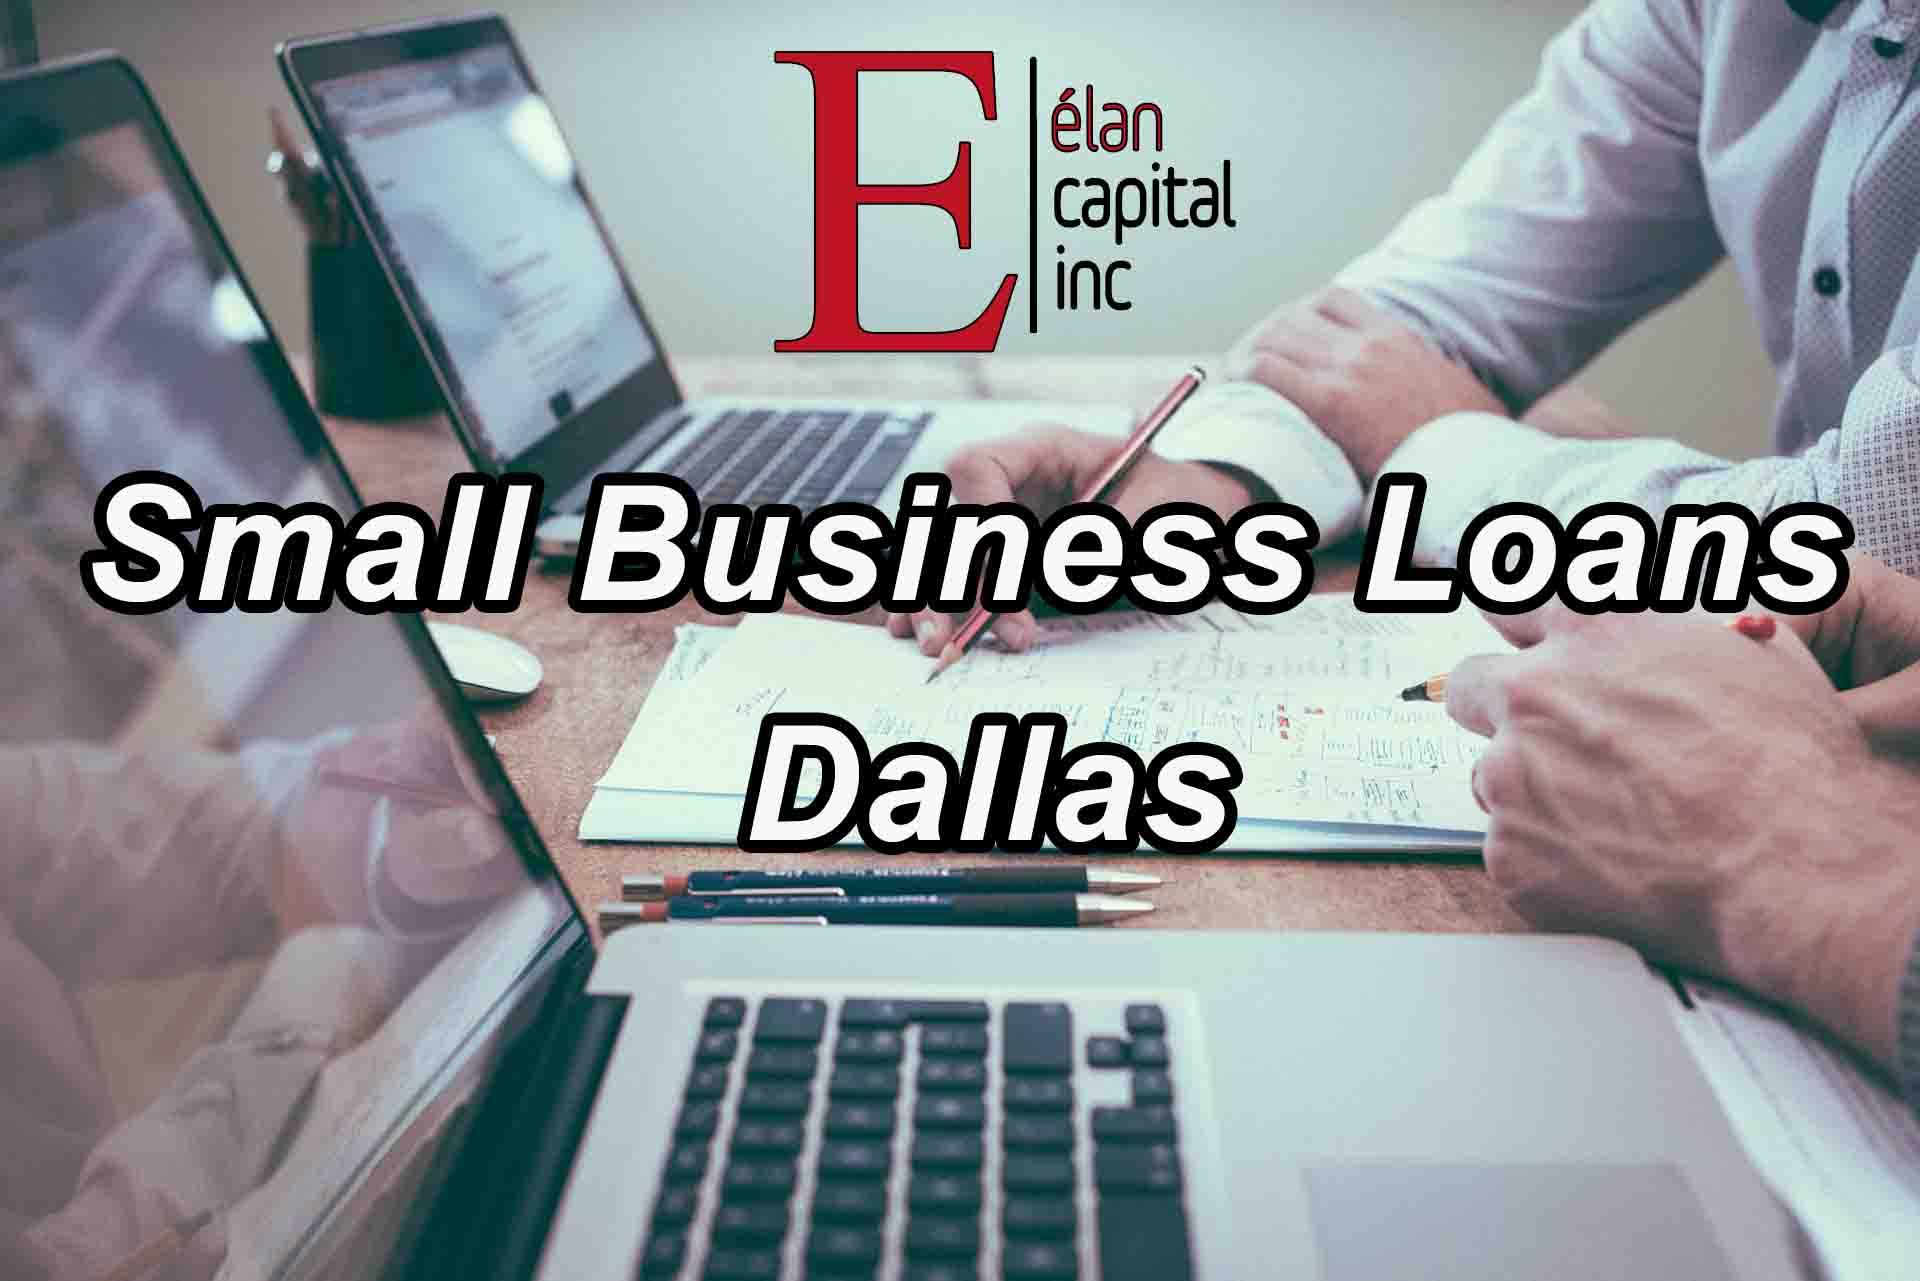 Small Business Loans - Dallas